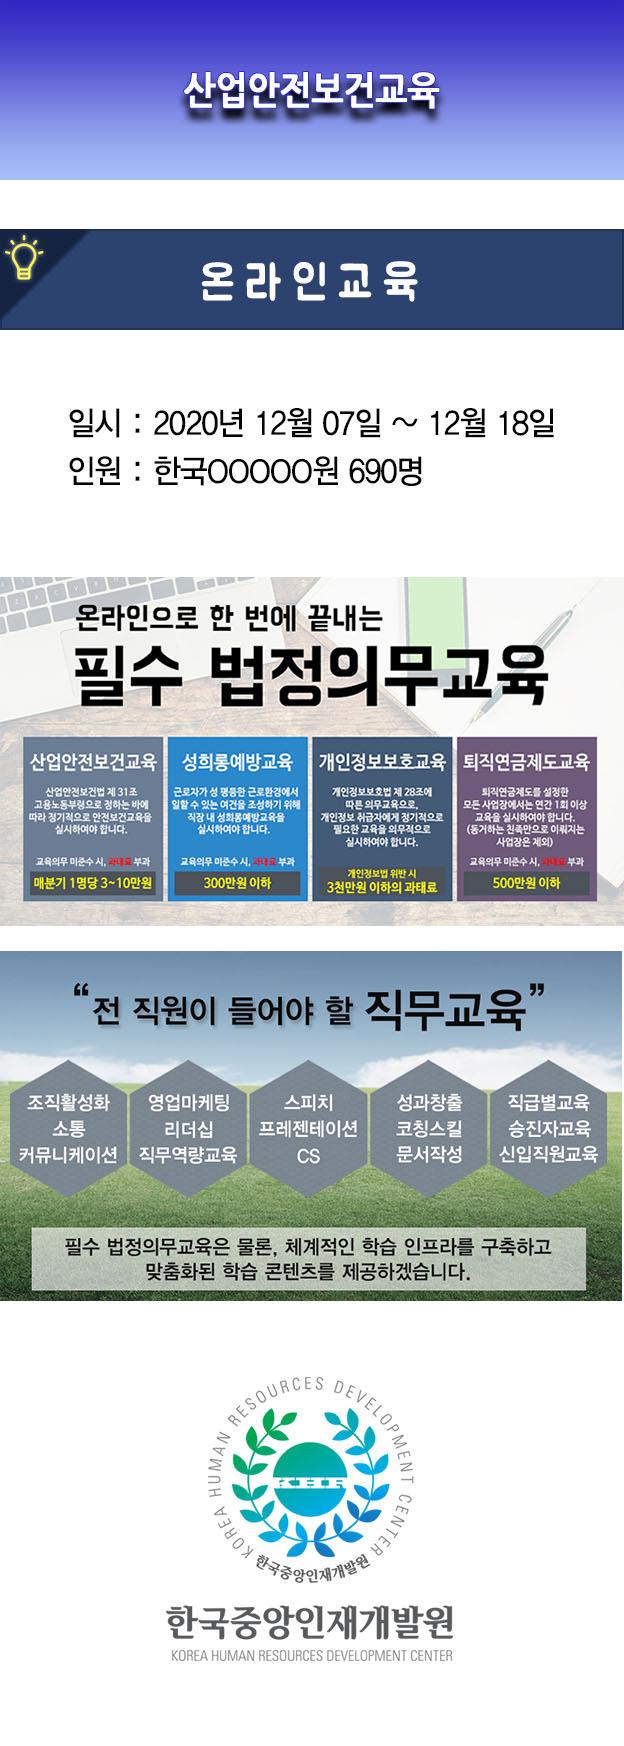 한국중앙인재개발원 공지사항(온라인) 한국정보화진흥원.jpg